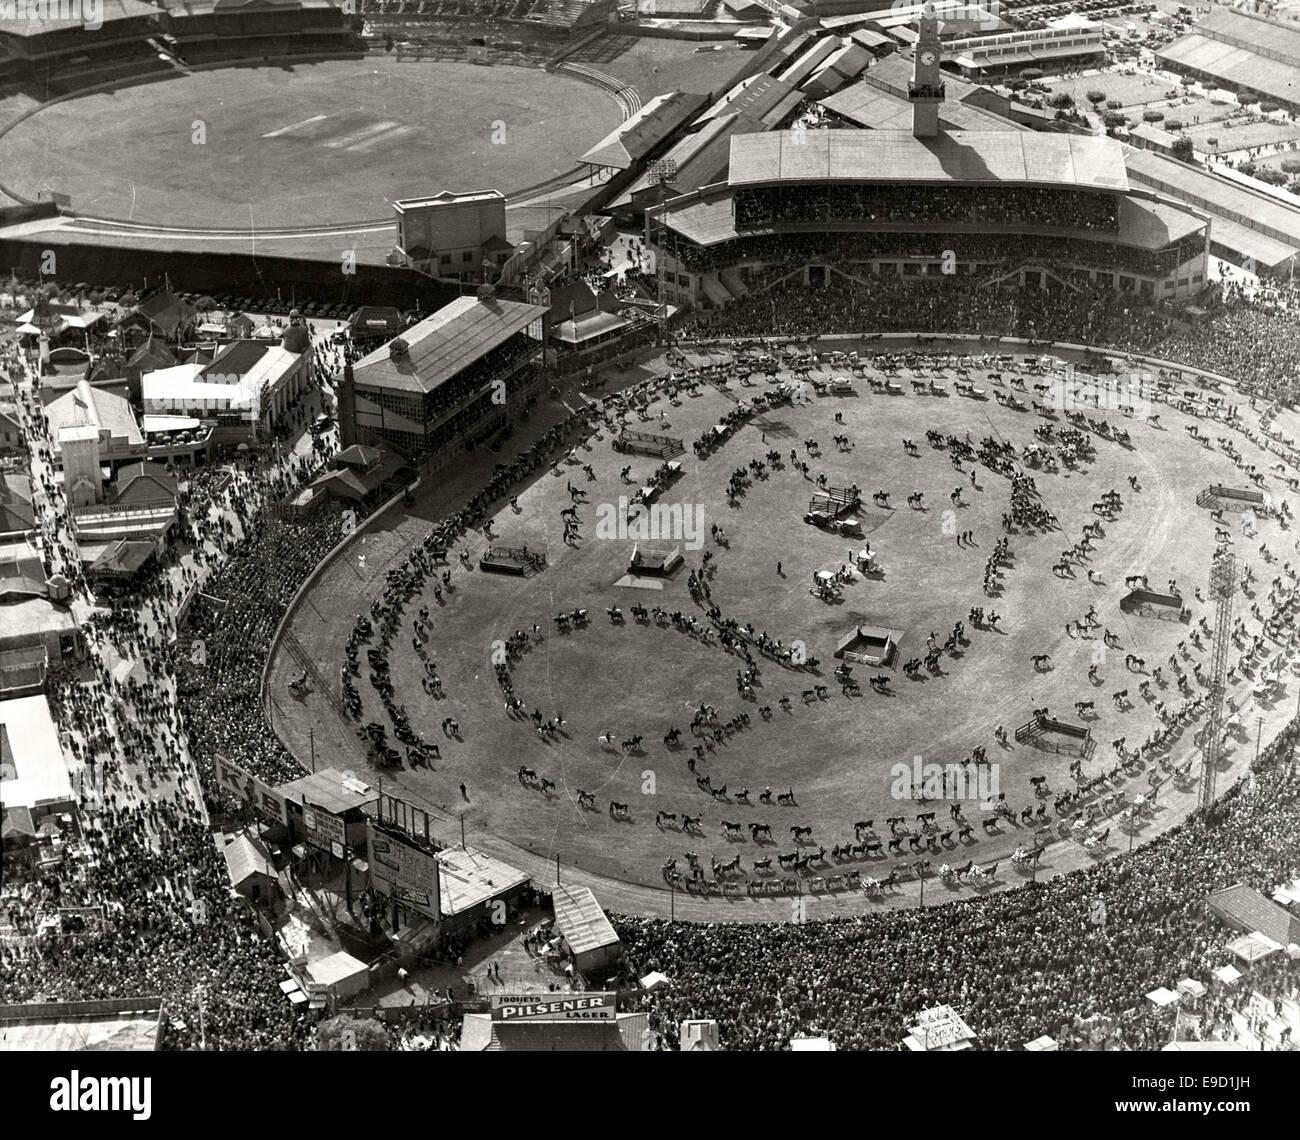 Sydney Showground, Grand Parade Easter 1936 14039813382 o - Stock Image